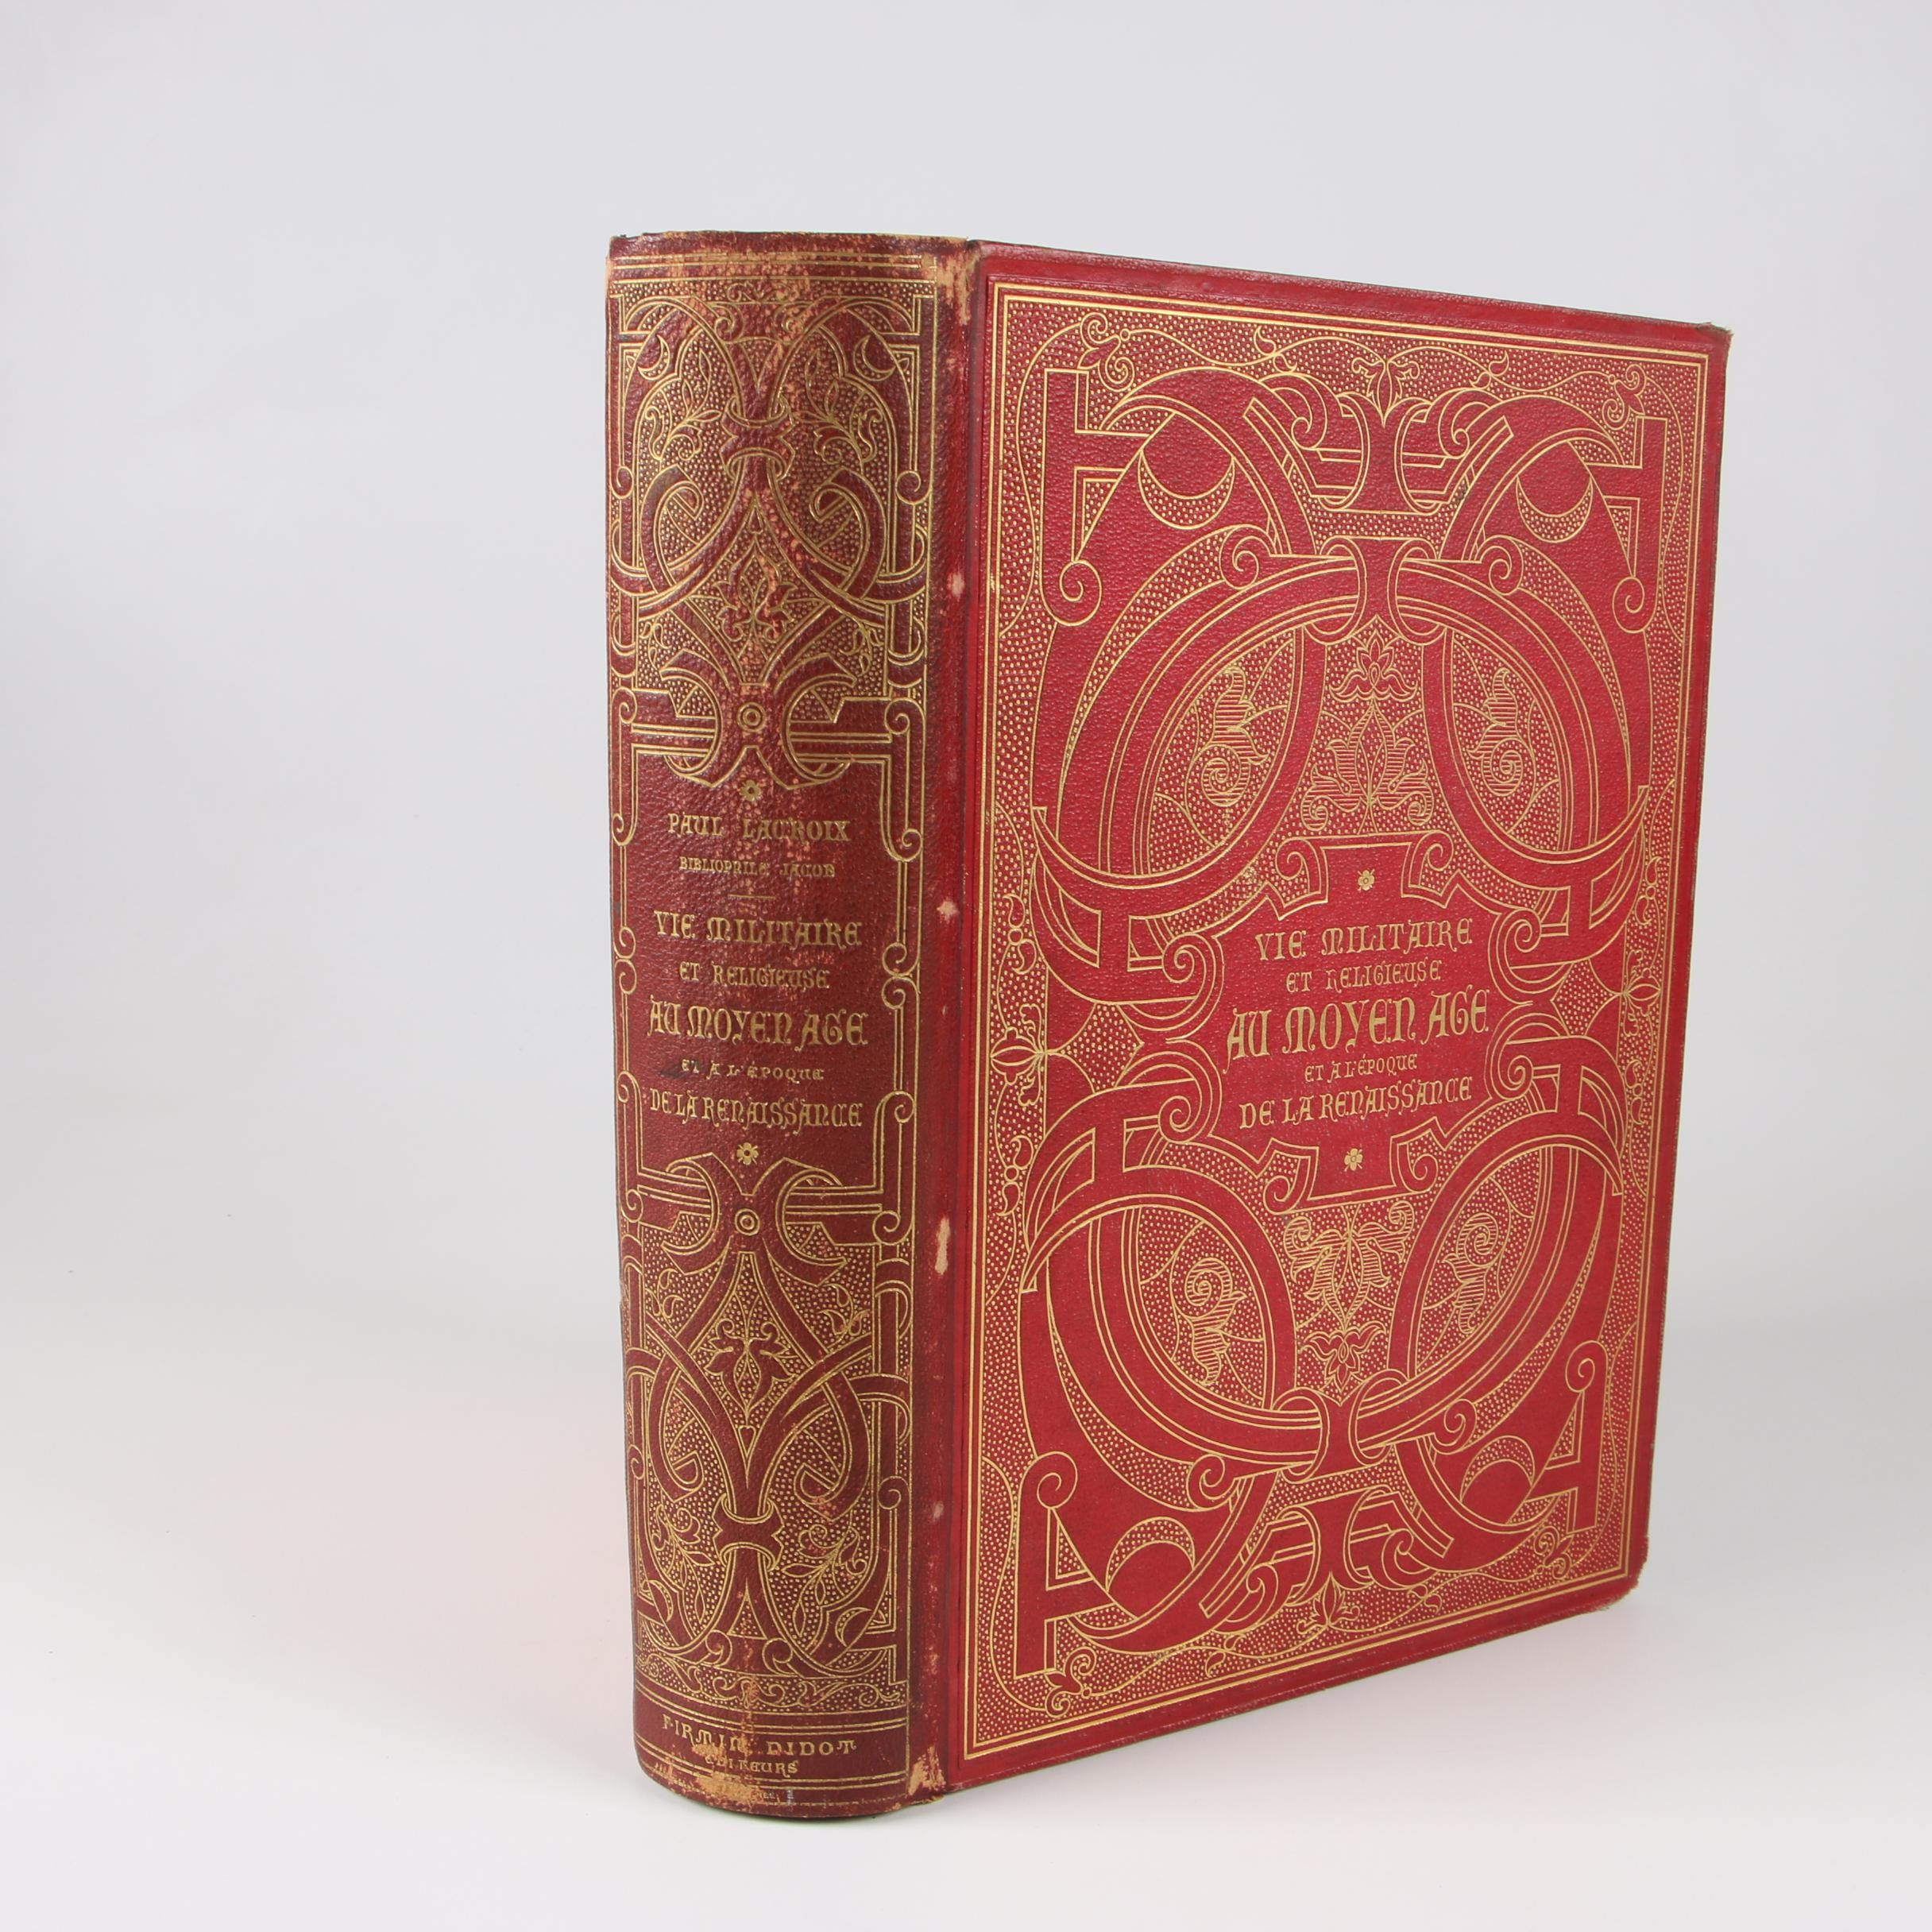 """1873 """"Vie militaire et religieuse au moyen âge"""" by Paul Lacroix"""